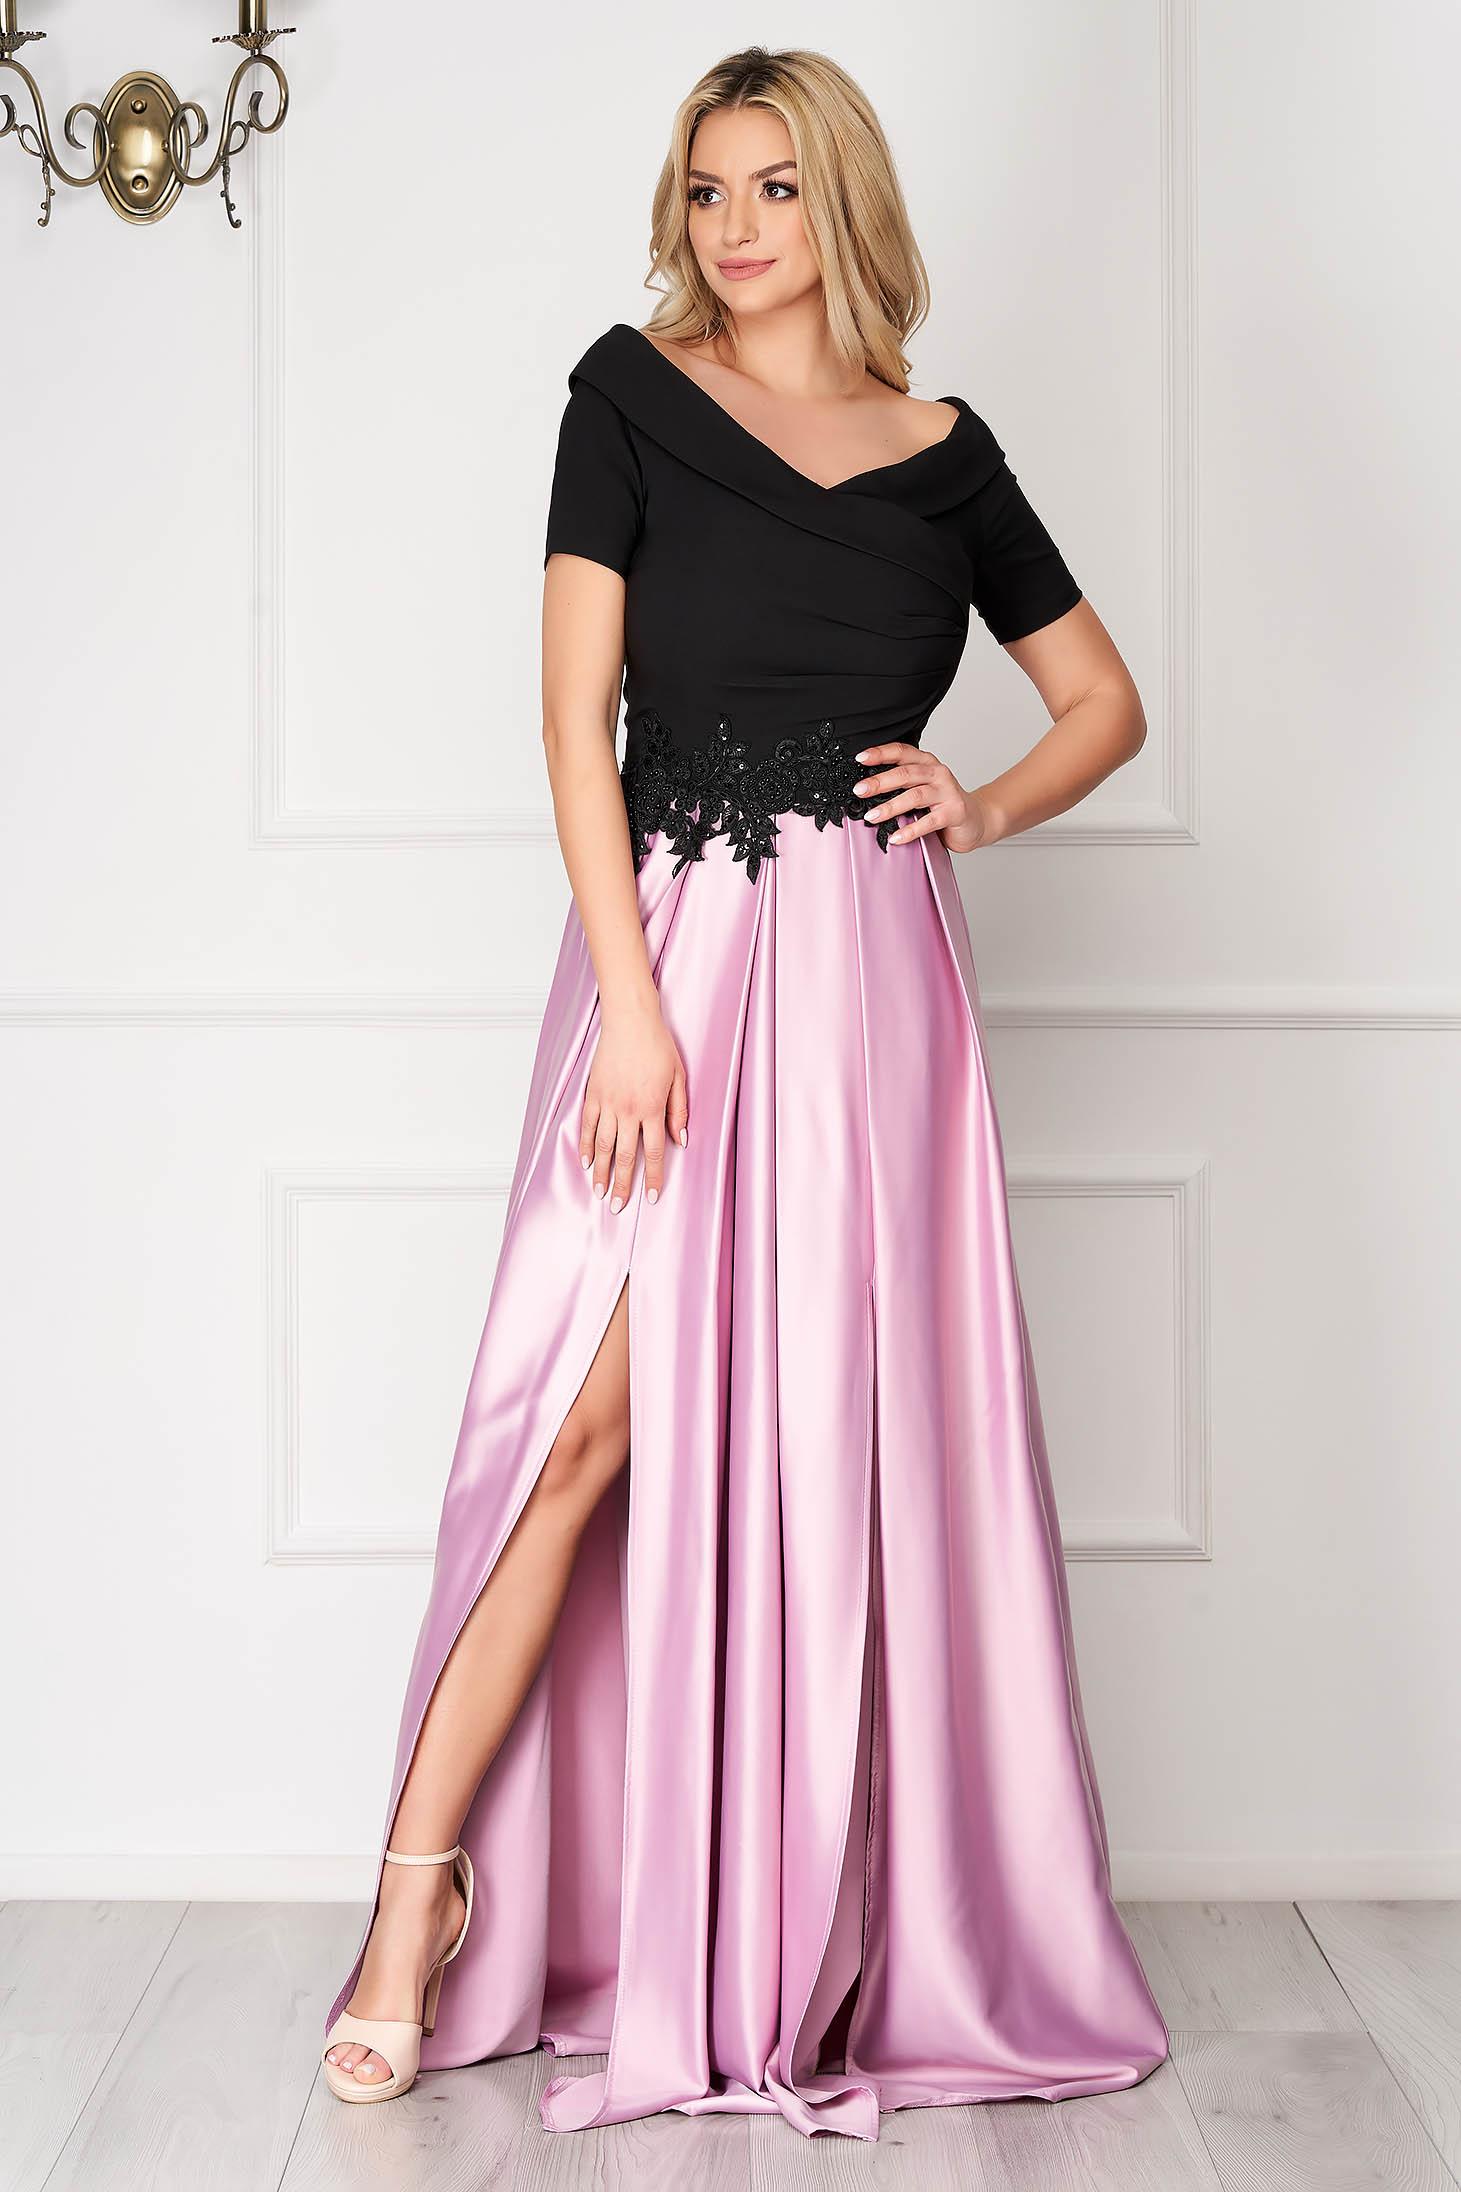 Világos rózsaszínű ejtett vállú lábon sliccelt alkalmi harang ruha szaténból strasszos kiegészítővel ellátott